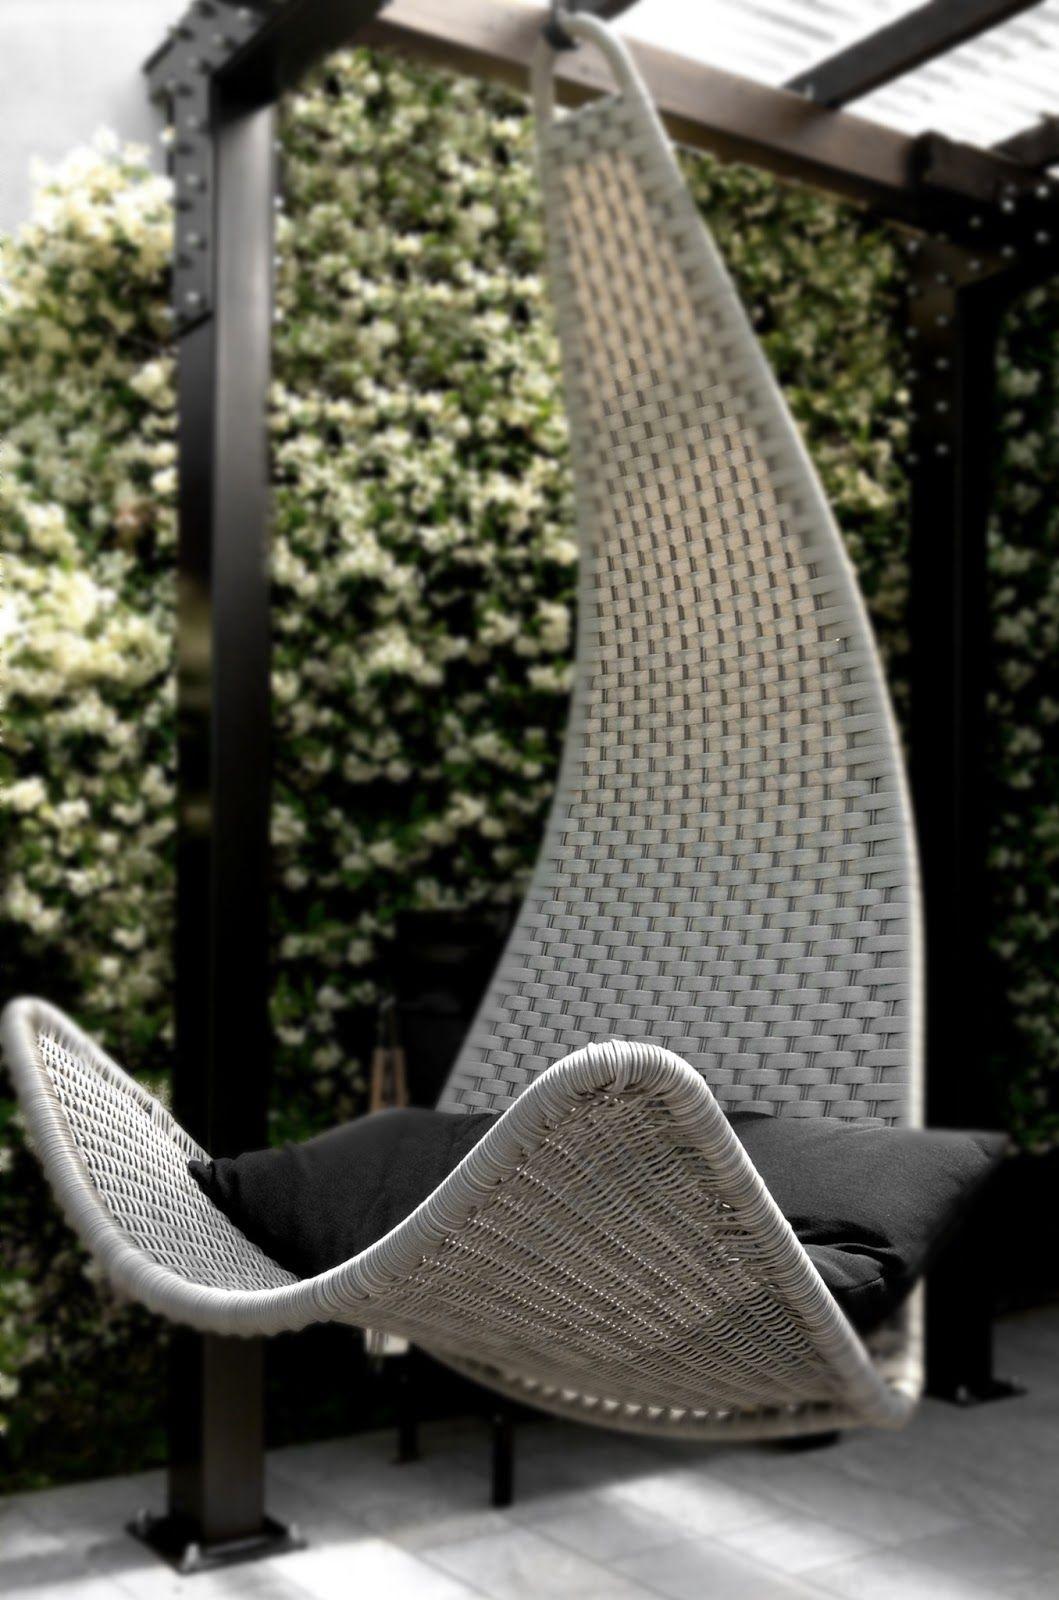 Altalena Giardino Ikea dondolando una poltrona sospesa per il portico (met